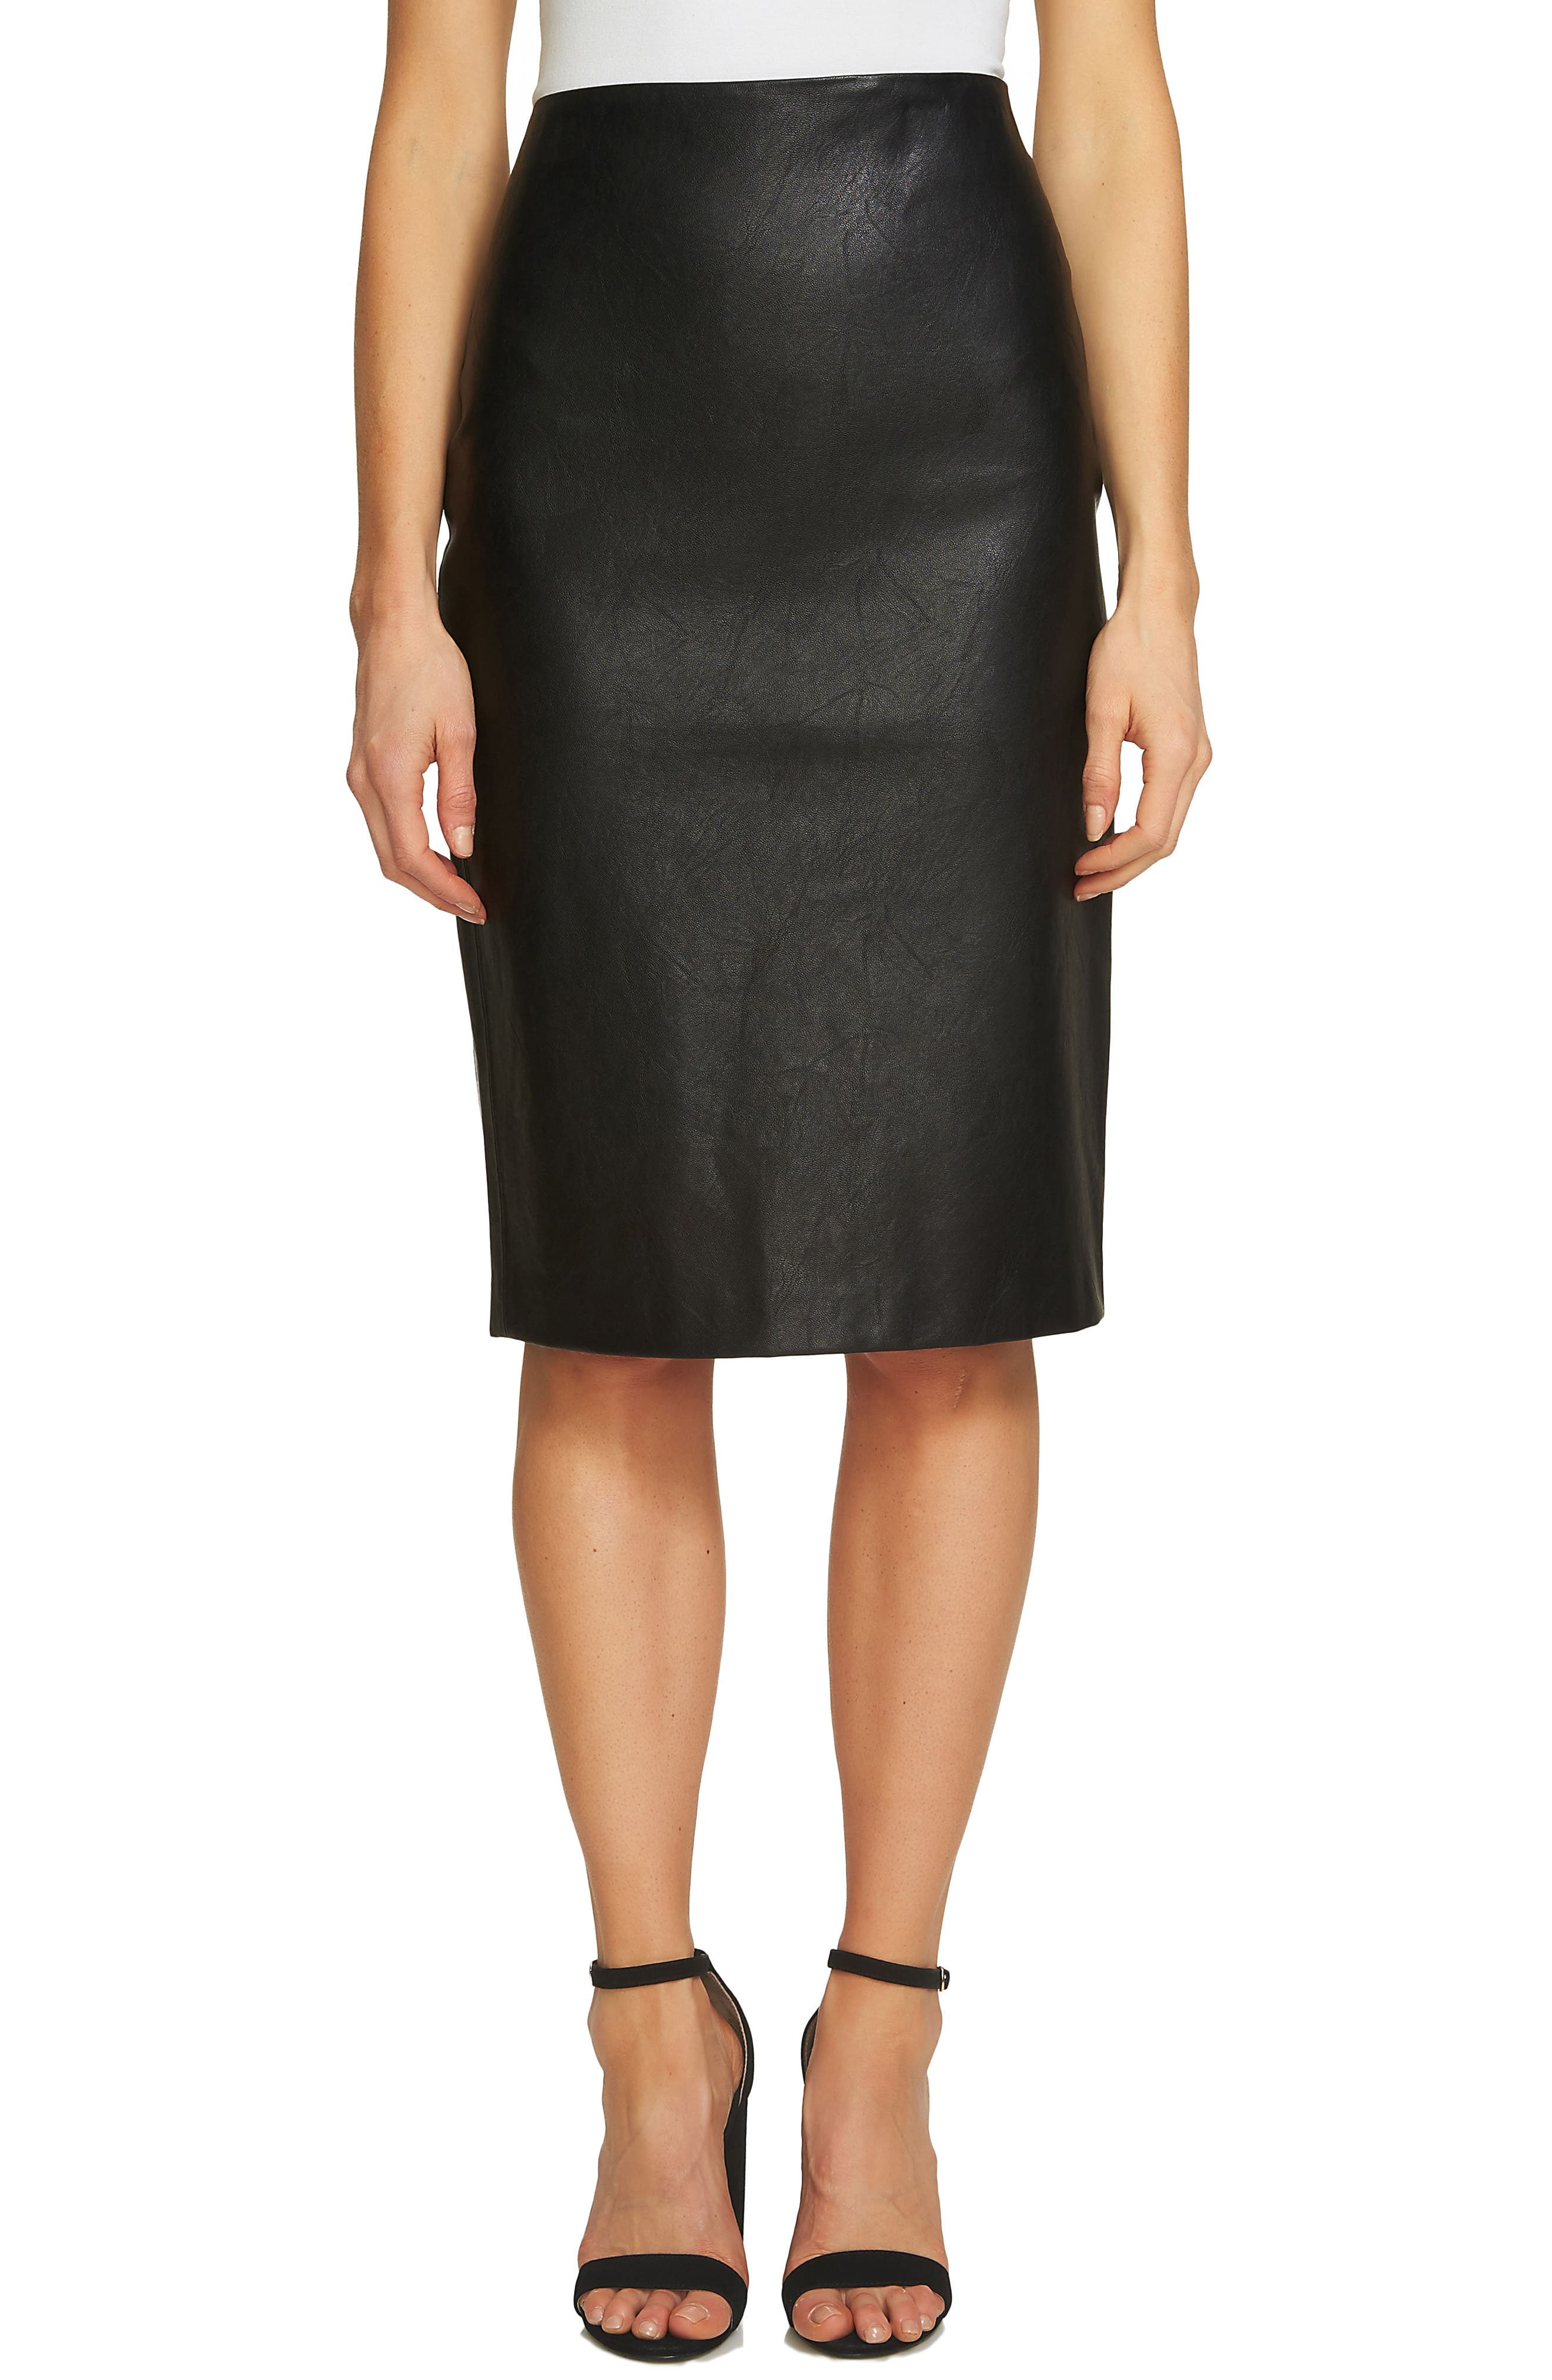 CeCe Faux Leather Pencil Skirt